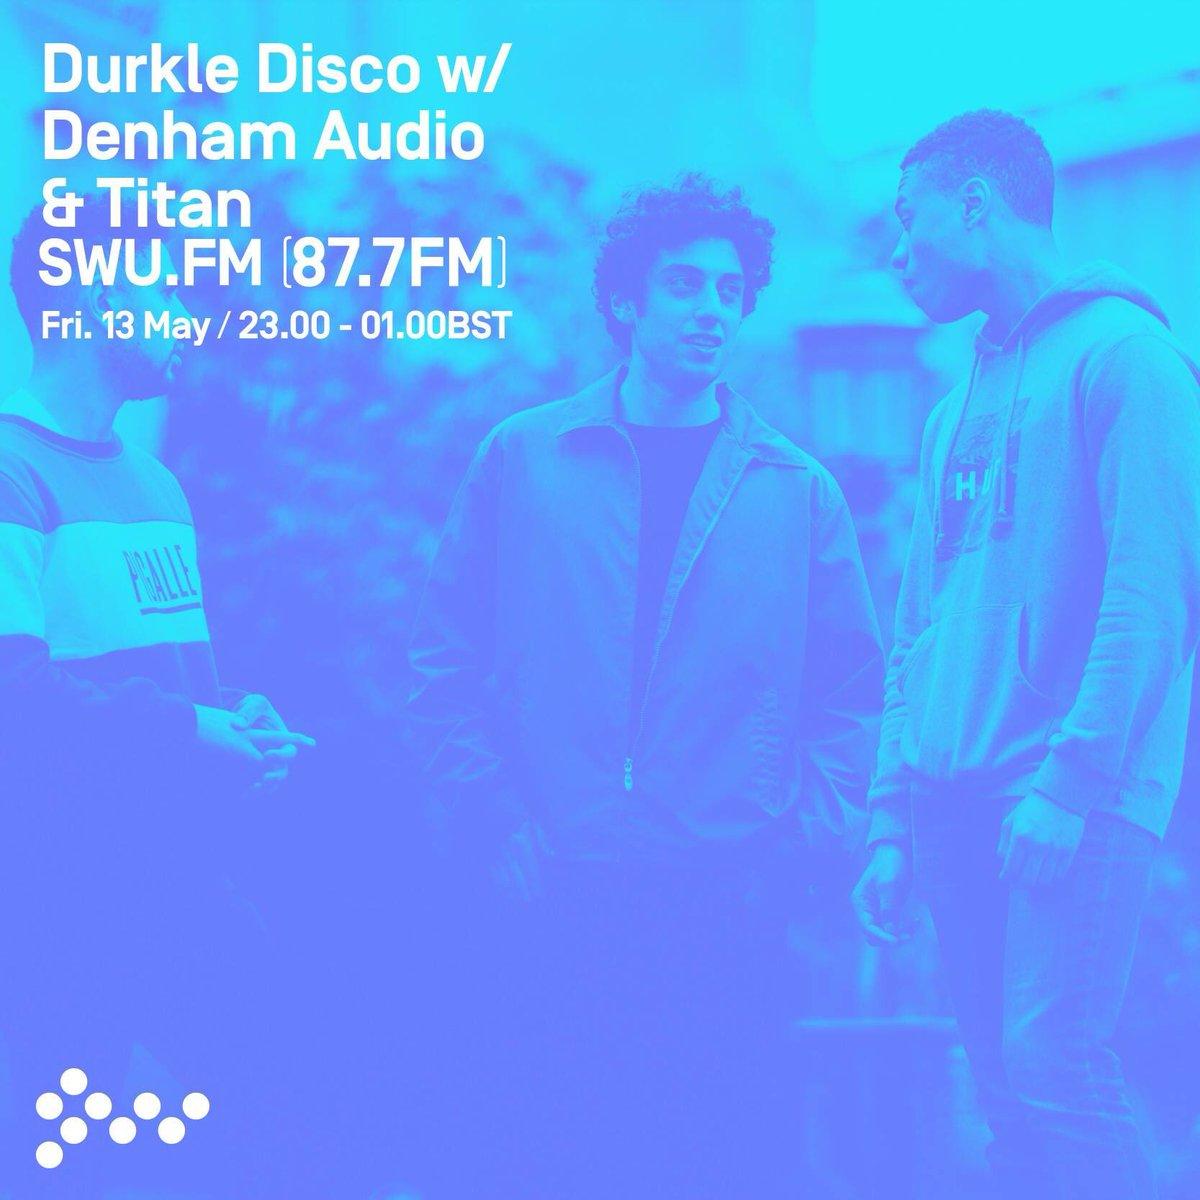 We're joining our @DurkleDisco fan tonight on @SWUfm. Join us from 23:00 https://t.co/S3LA7hmaAt